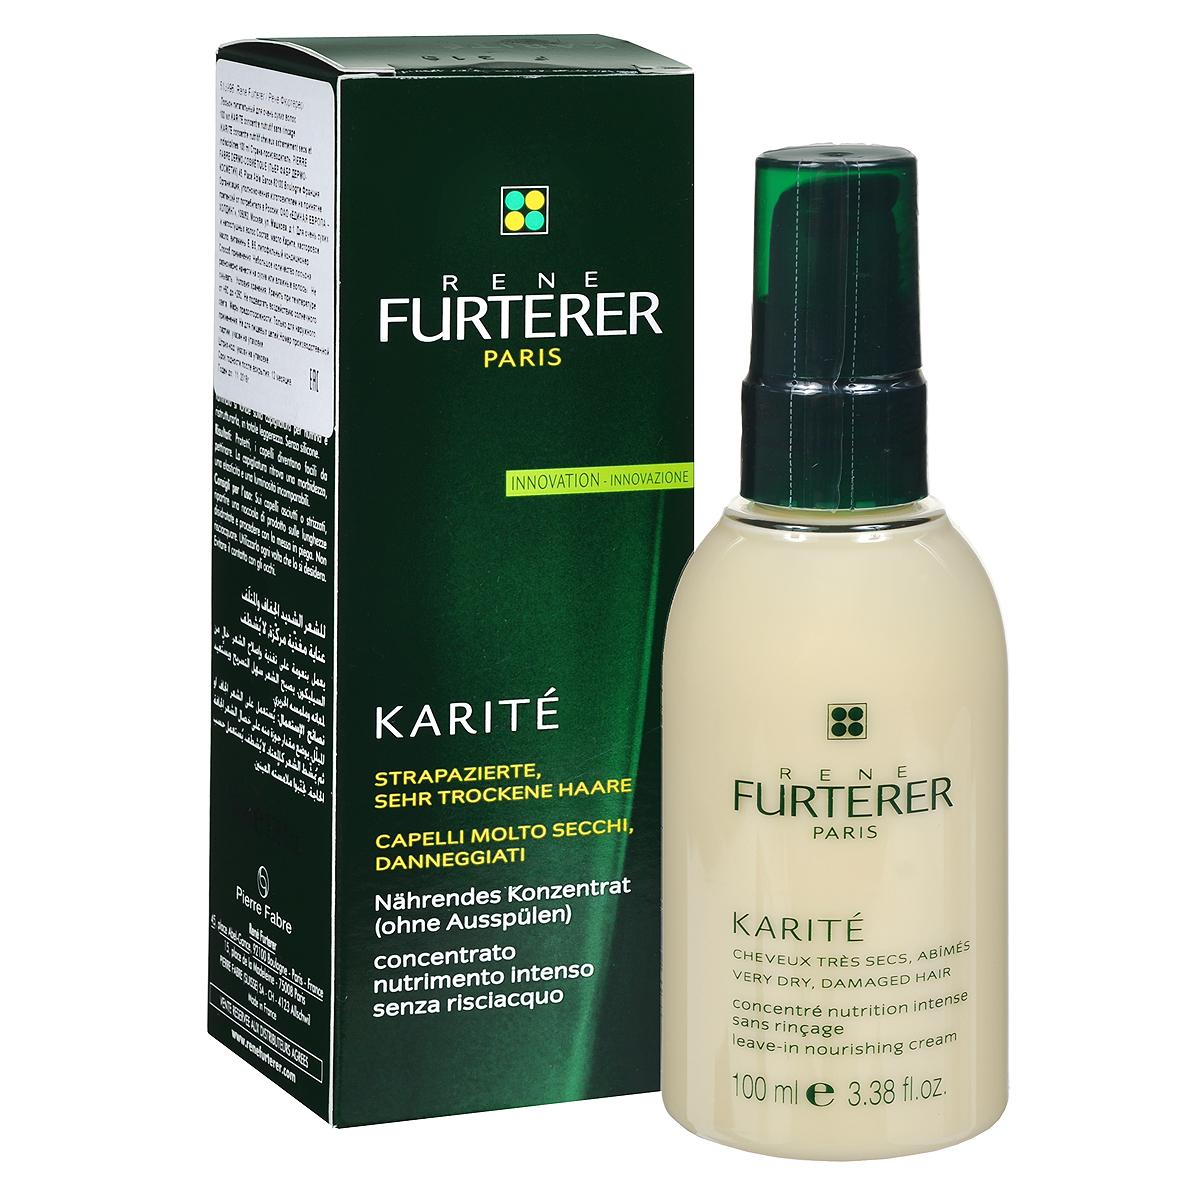 Rene Furterer Лосьон Karite питательный, для очень сухих волос, 100 мл3282779352208Обогащенный восстанавливающими, питательными и сглаживающими активными компонентами, питательный лосьон придает мягкость, блеск и эластичность сухим и непослушным волосам, обеспечивает им длительную защиту и облегчает расчесывание. Активные компоненты : Масло карите. Касторовое масло - питает и реструктурирует, придает блеск волосам. Витамин E. Витамин B5. Гидрофильный полимер облегчает расчесывание. Способ применения : небольшое количество лосьона равномерно нанести на сухие или влажные волосы. Не смывать!